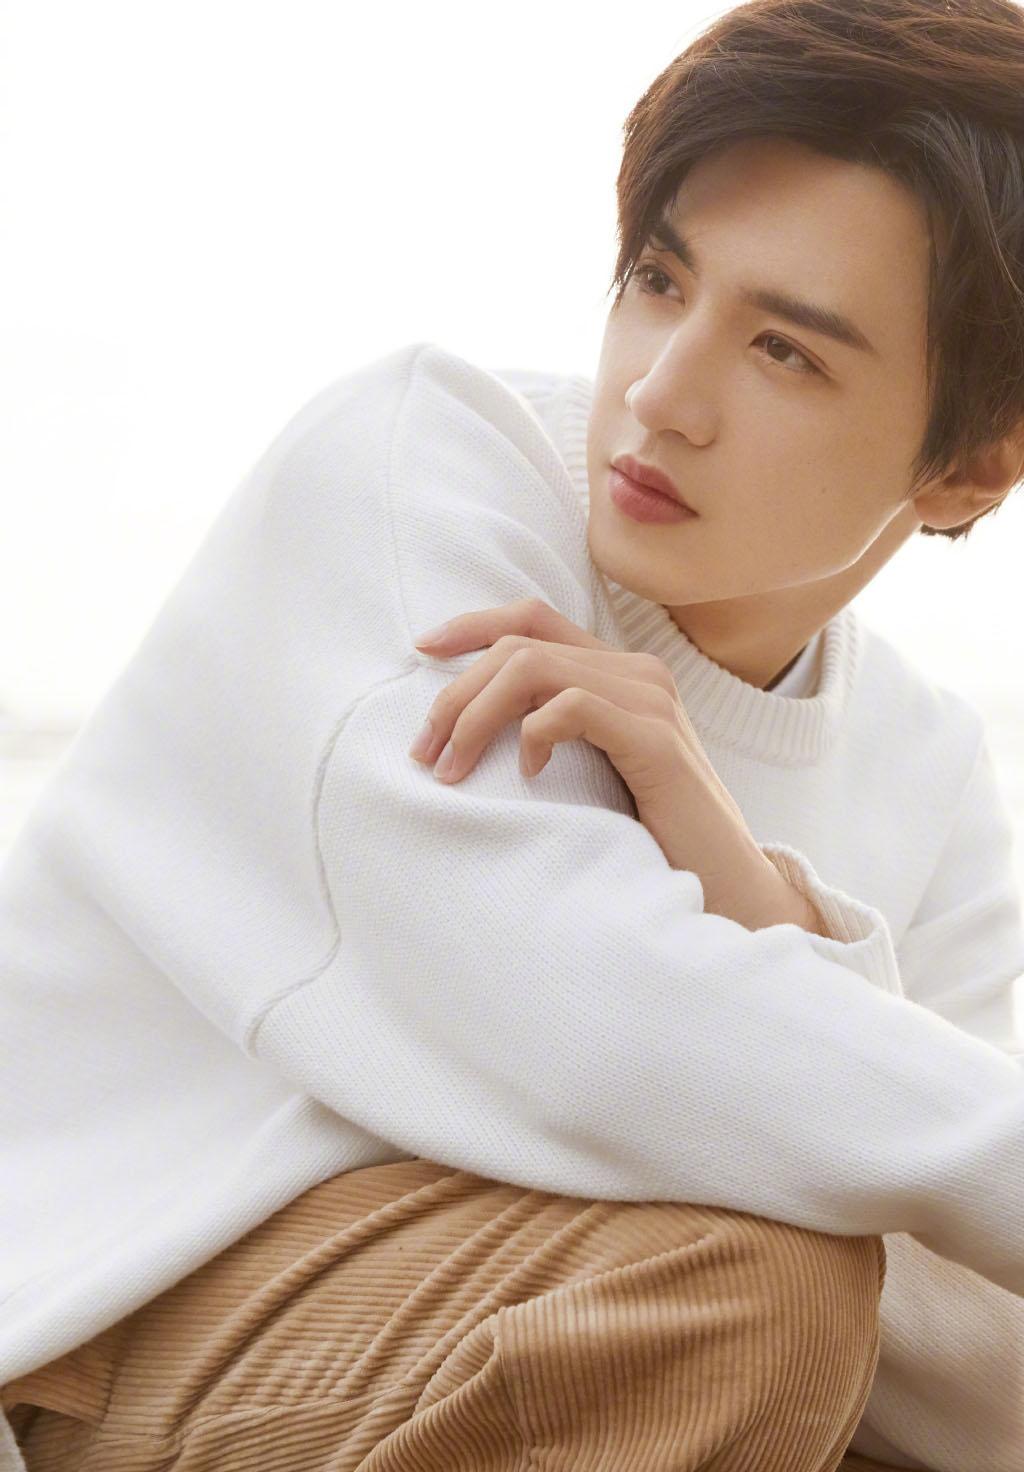 陈哲远白色毛衣帅气写真图片